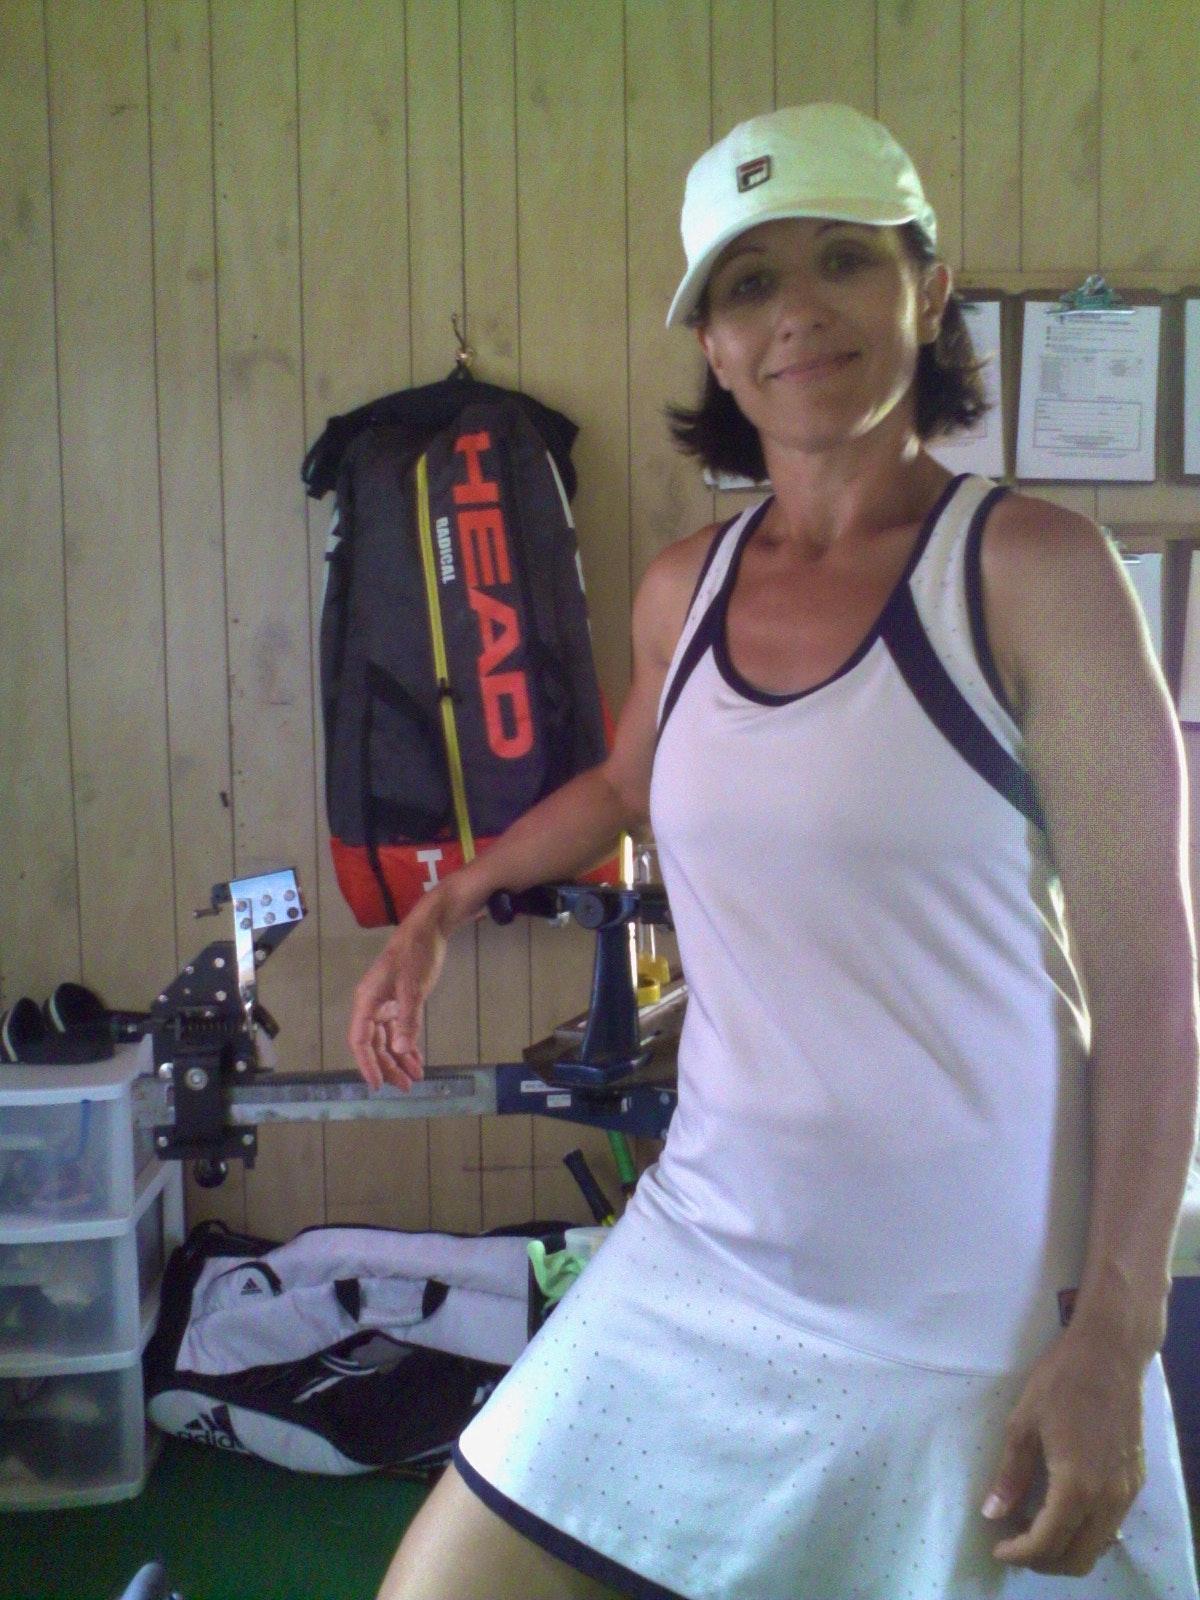 Roxana M. teaches tennis lessons in Hartland, VT